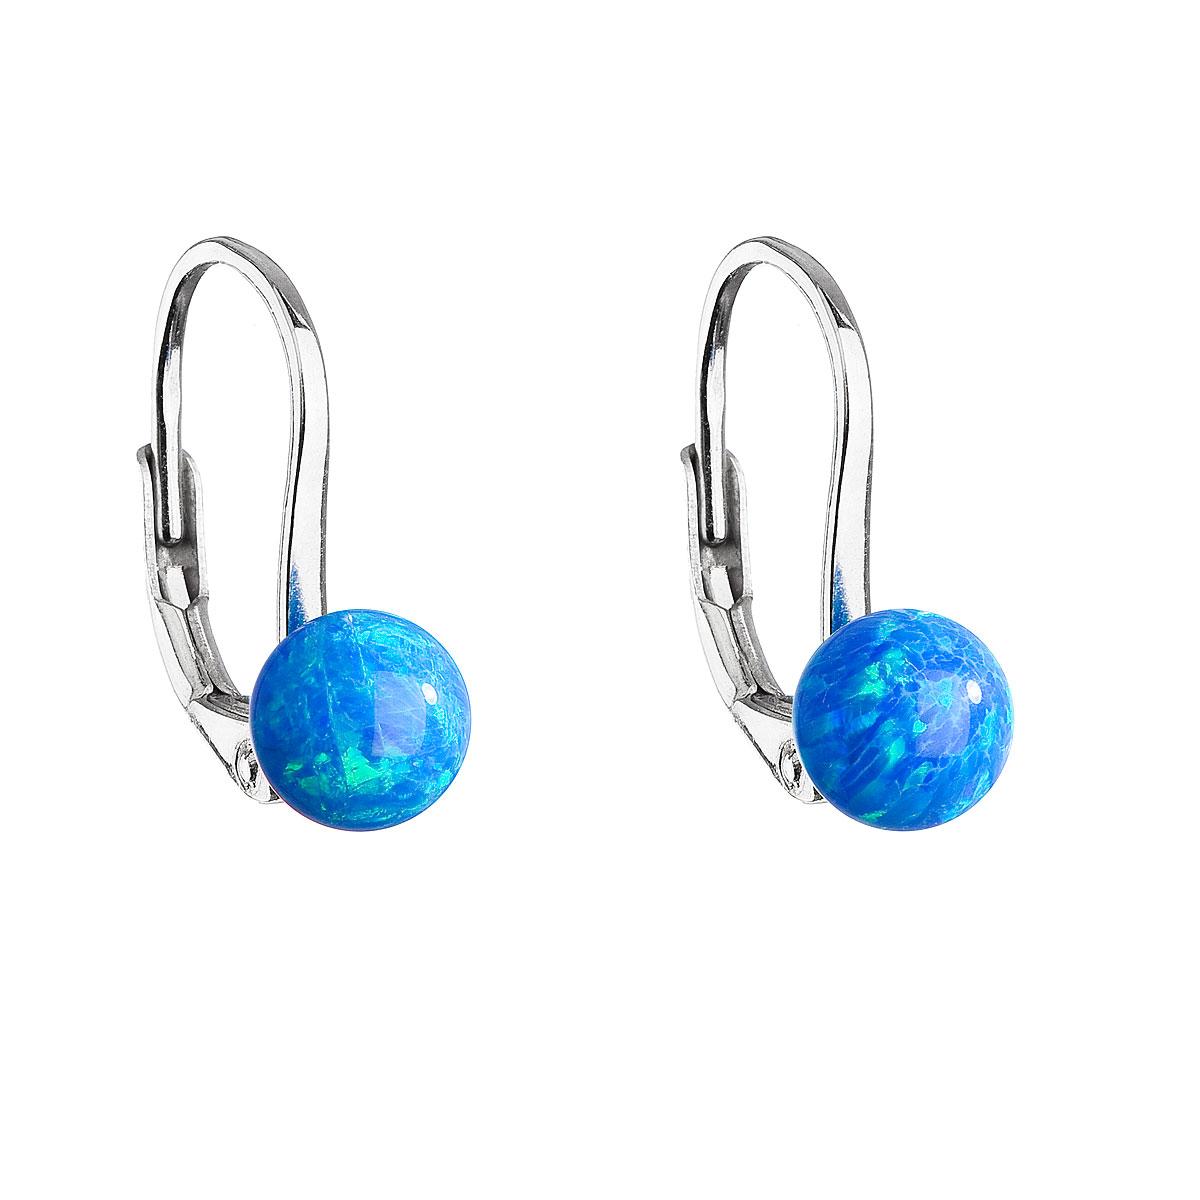 Strieborné visiace náušnice so syntetickým opálom modré okrúhle 11242.3